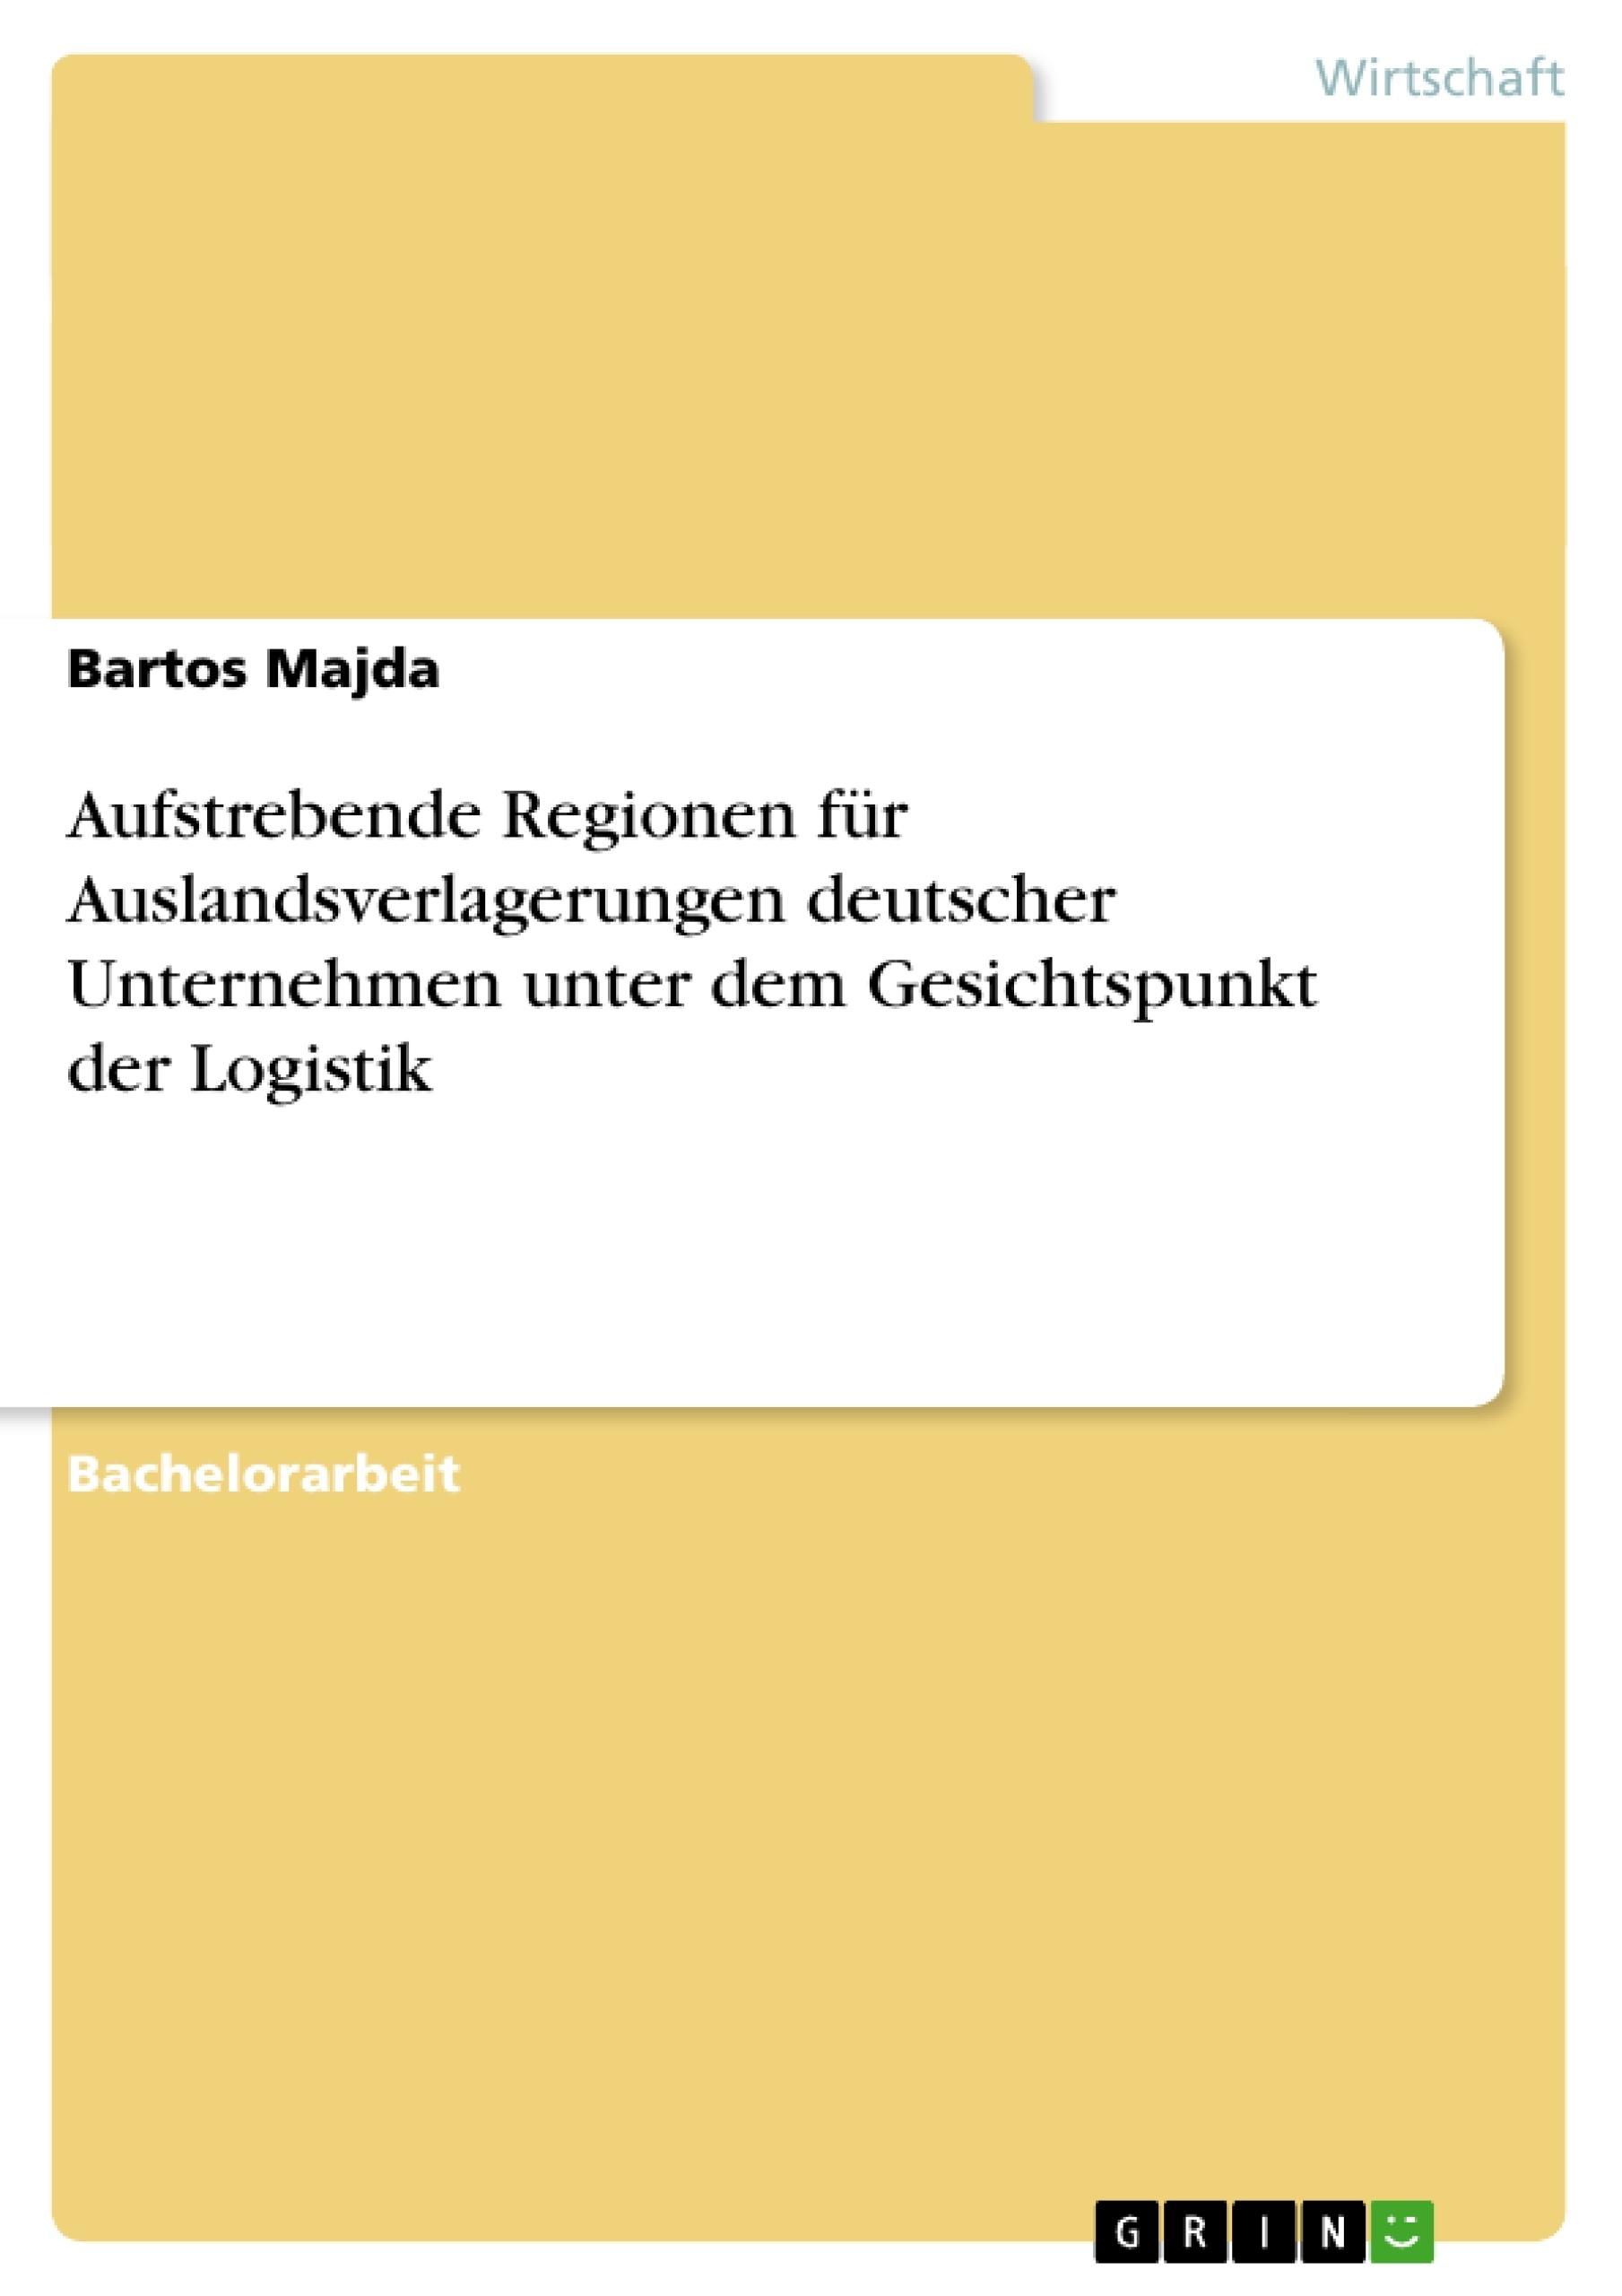 Titel: Aufstrebende Regionen für Auslandsverlagerungen deutscher Unternehmen unter dem Gesichtspunkt der Logistik